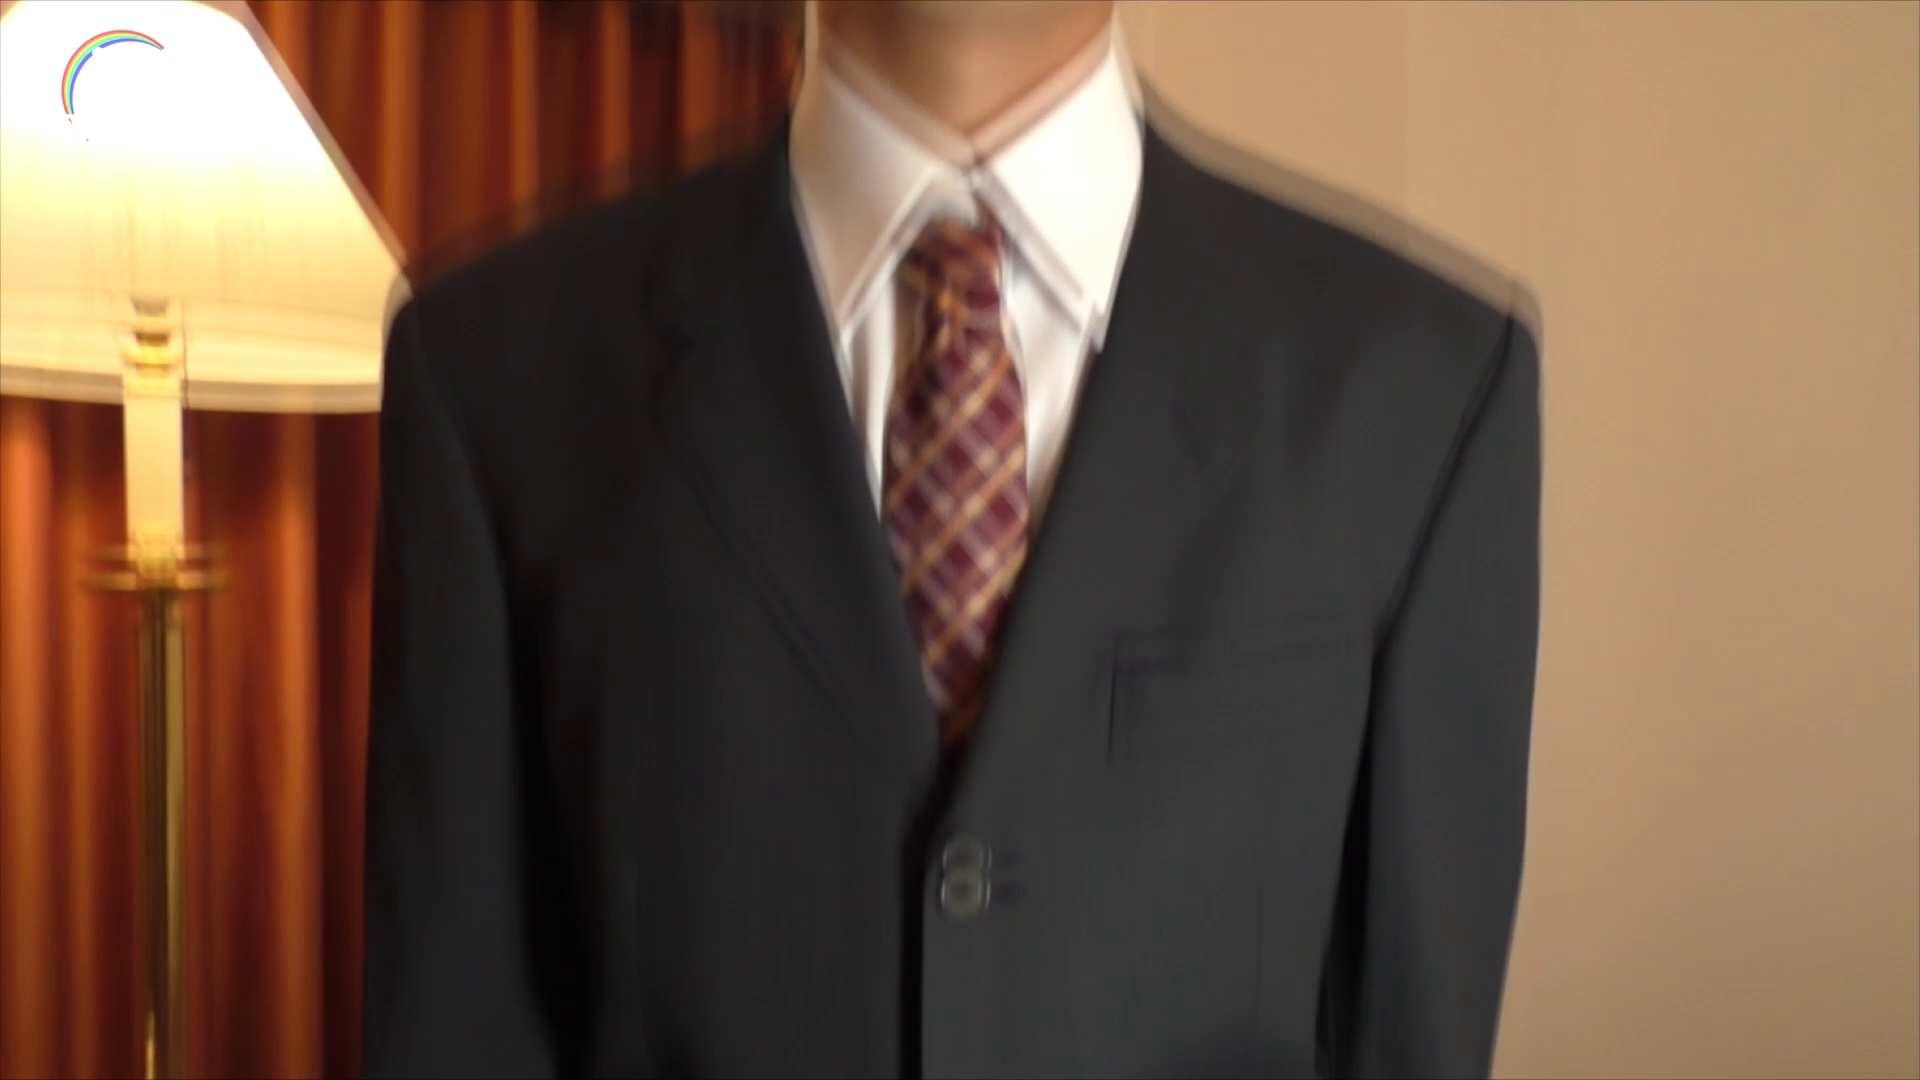 陰間BOYS~キャバクラの仕事はアナルから4 Vol.01 三ツ星盗撮 ゲイ無修正動画画像 108pic 78